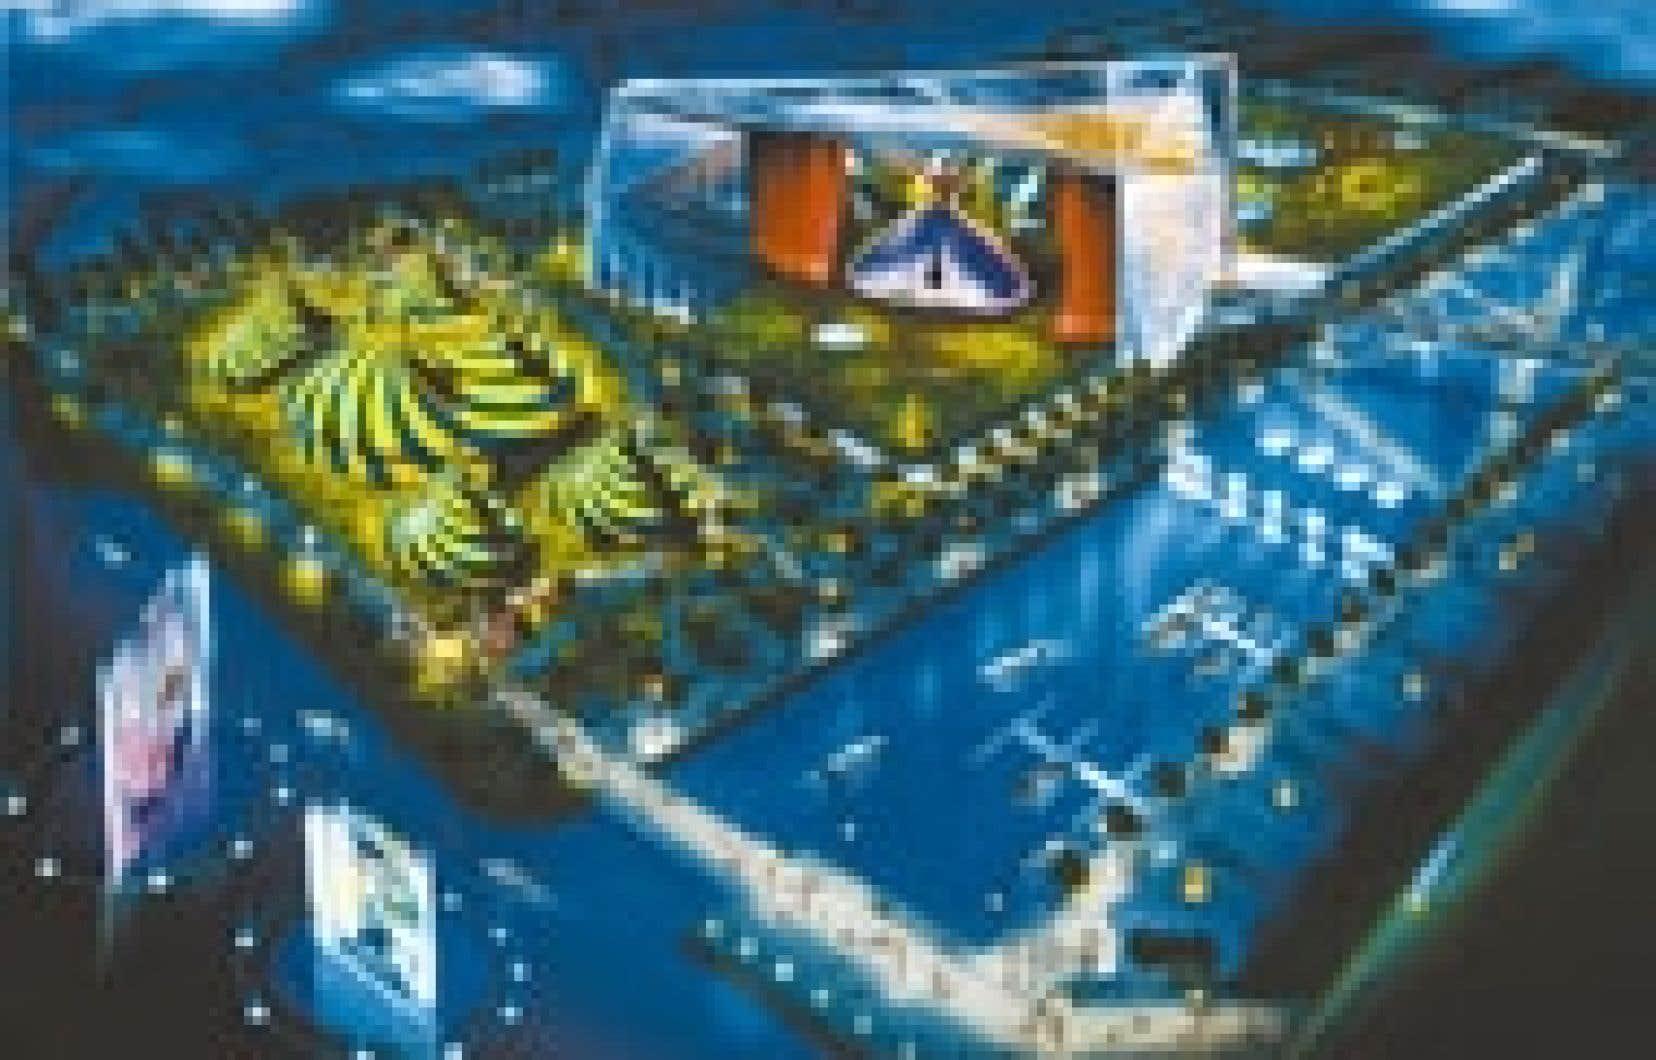 Le projet conjoint de Loto-Québec et du Cirque du Soleil. Source: Cirque du Soleil